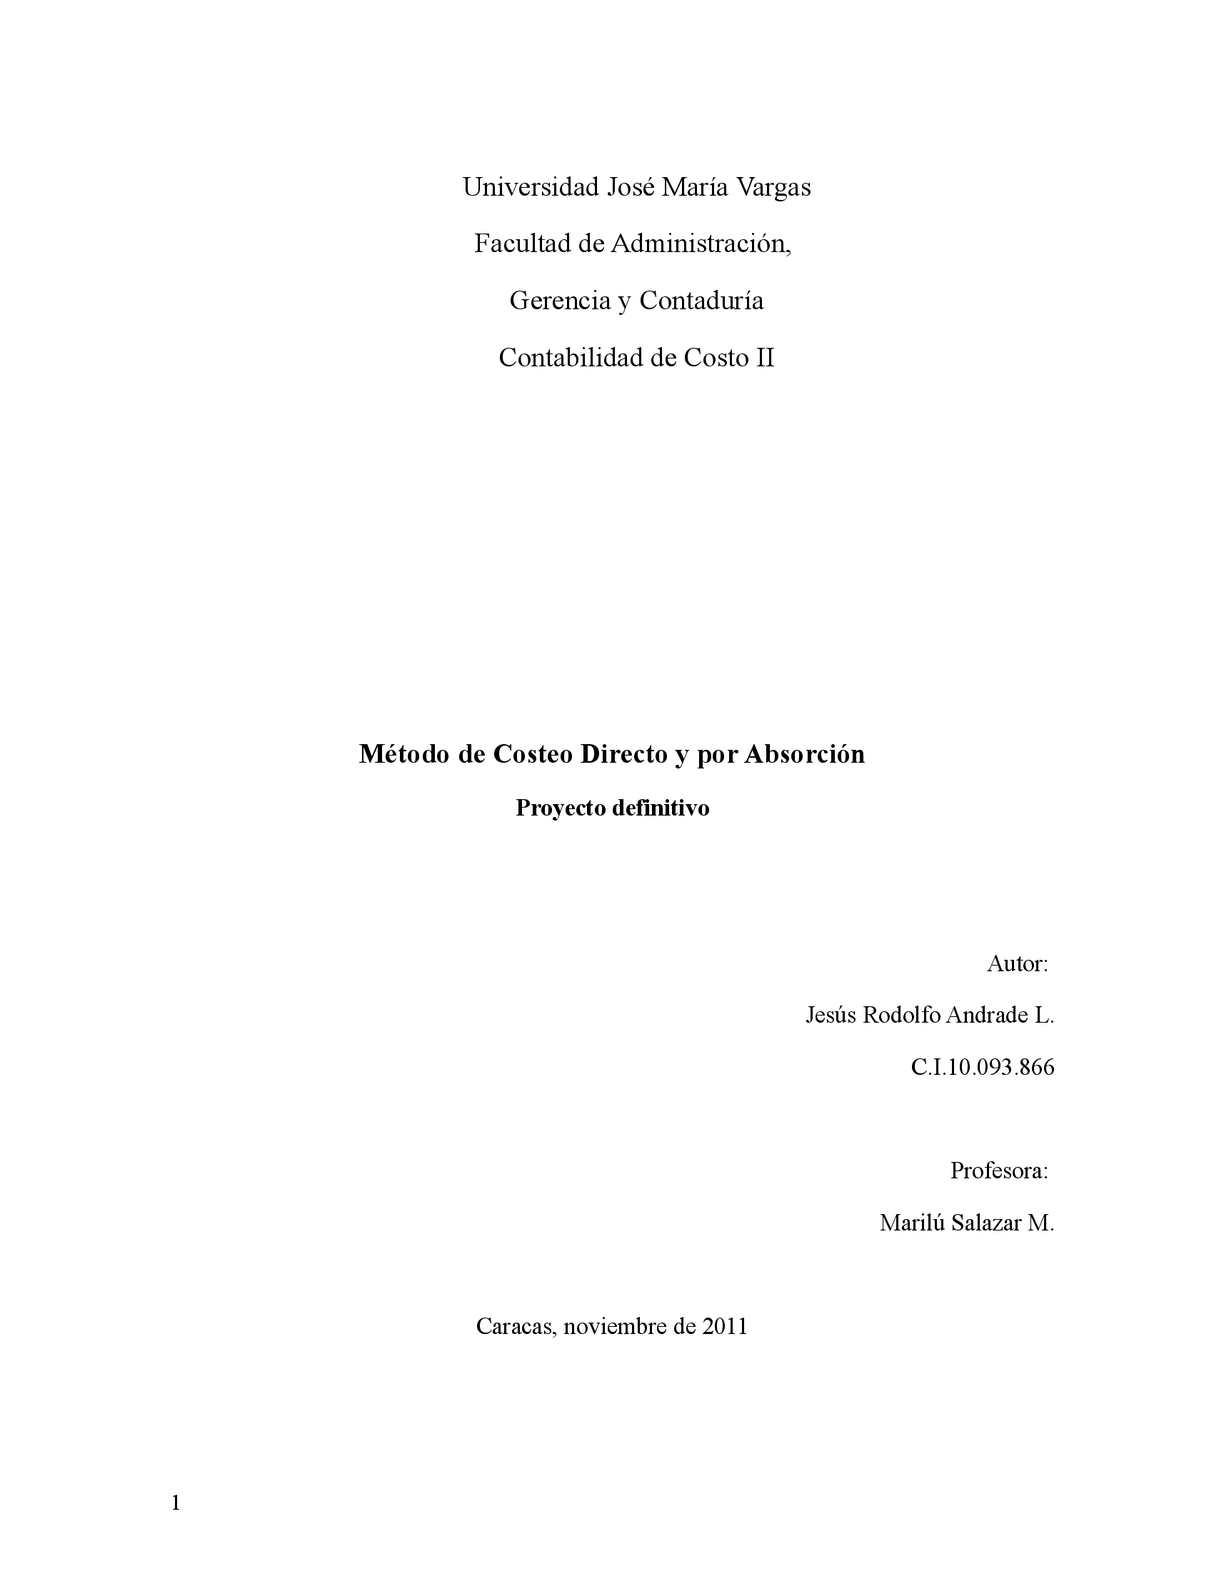 Método de Costeo Directo y por Absorción